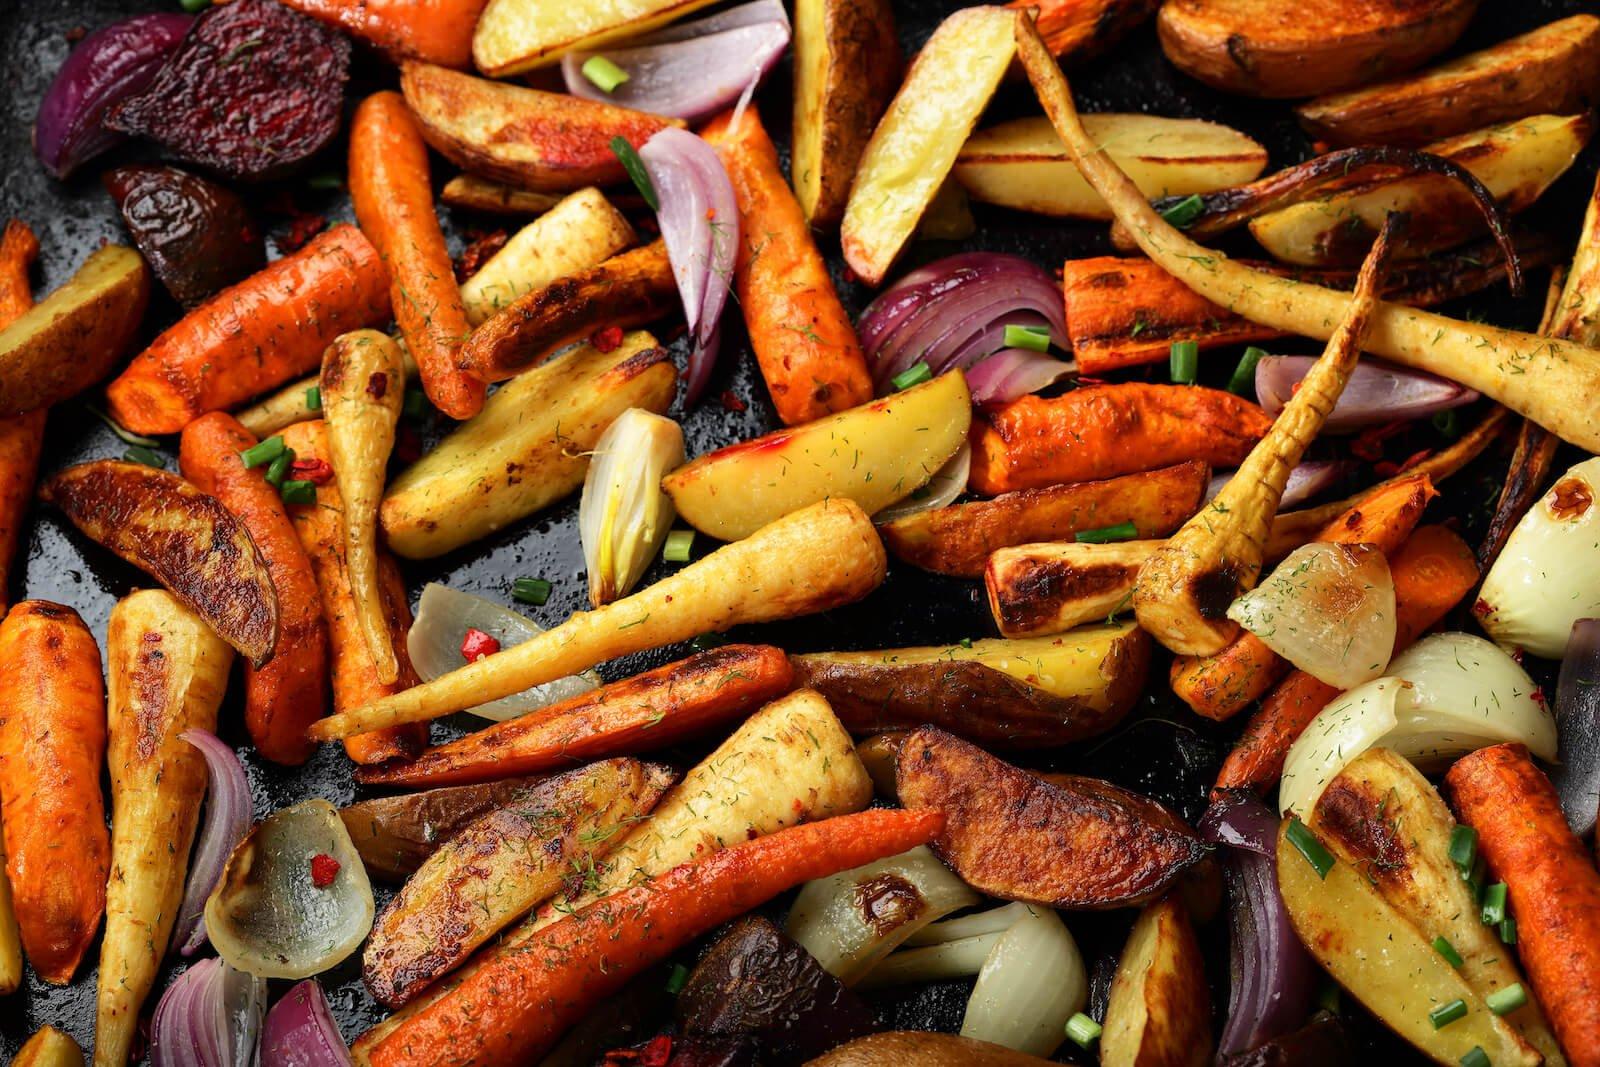 Elimination diet meal plan: oven-baked vegetables